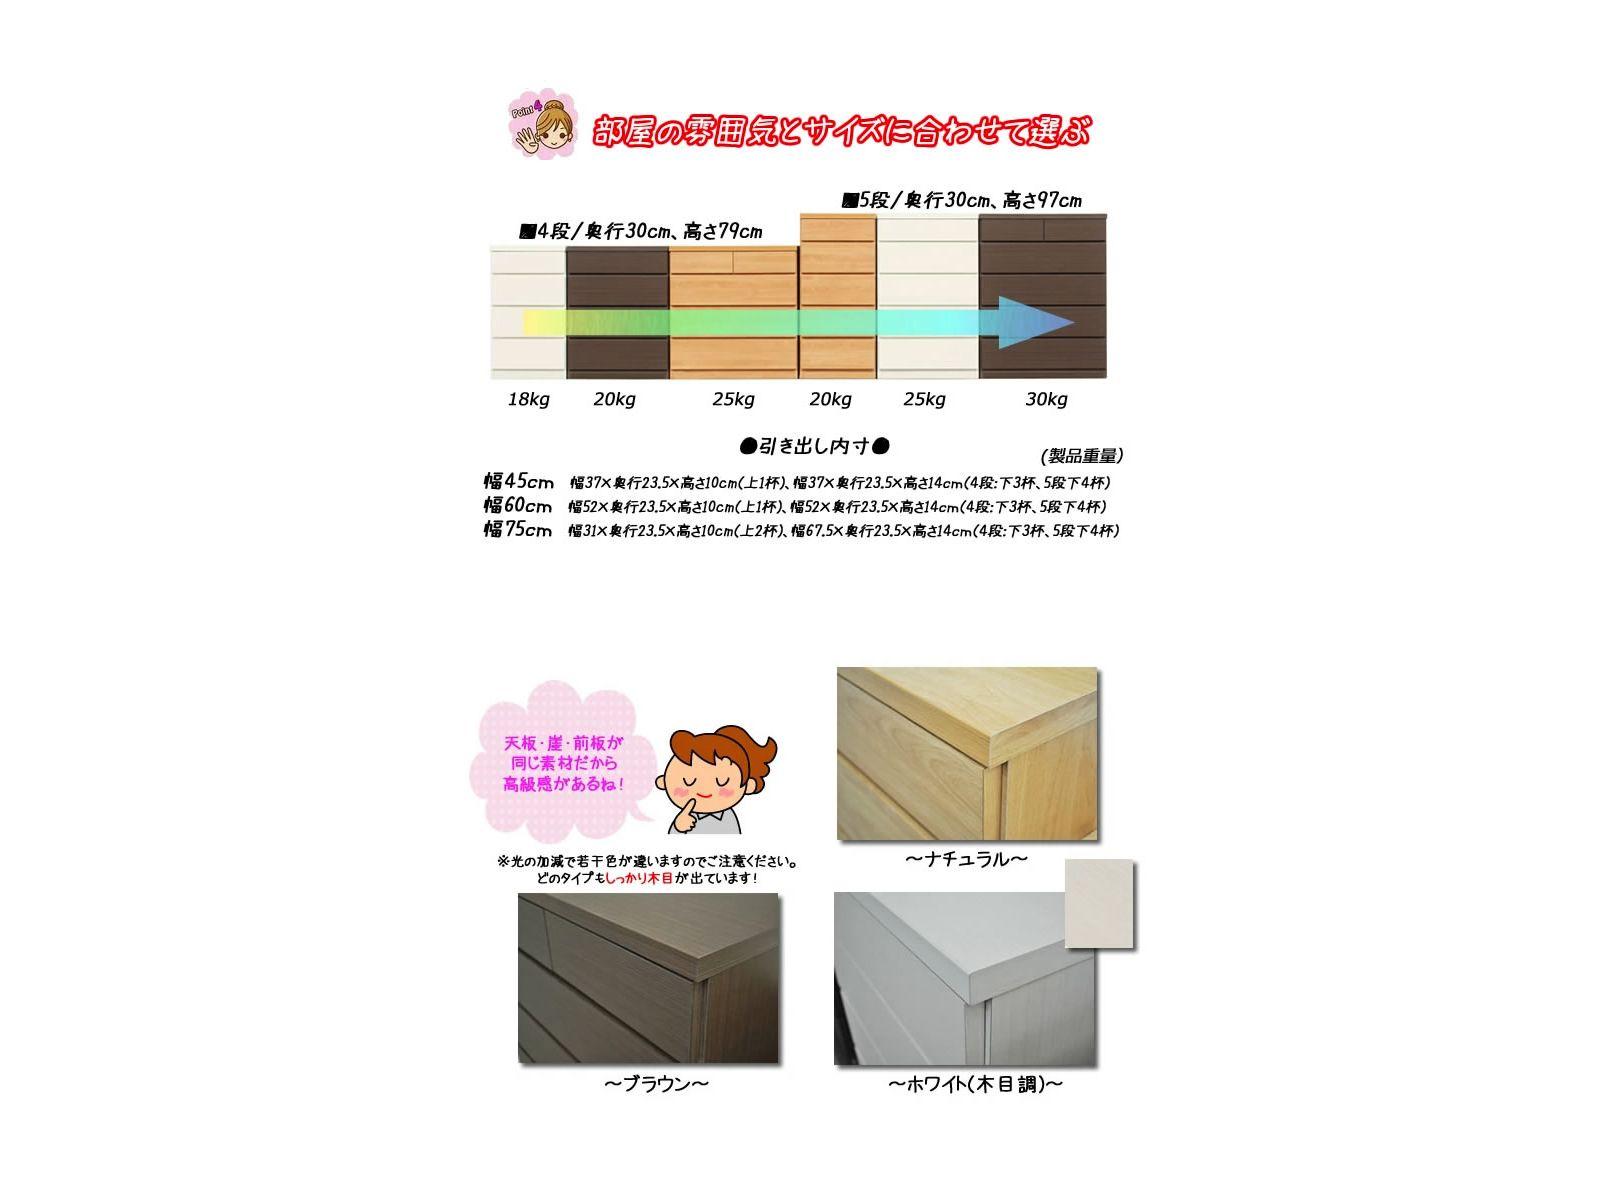 薄型チェスト(奥行30cm)ベンチチェスト 75cm幅2段タイプ(3色対応)